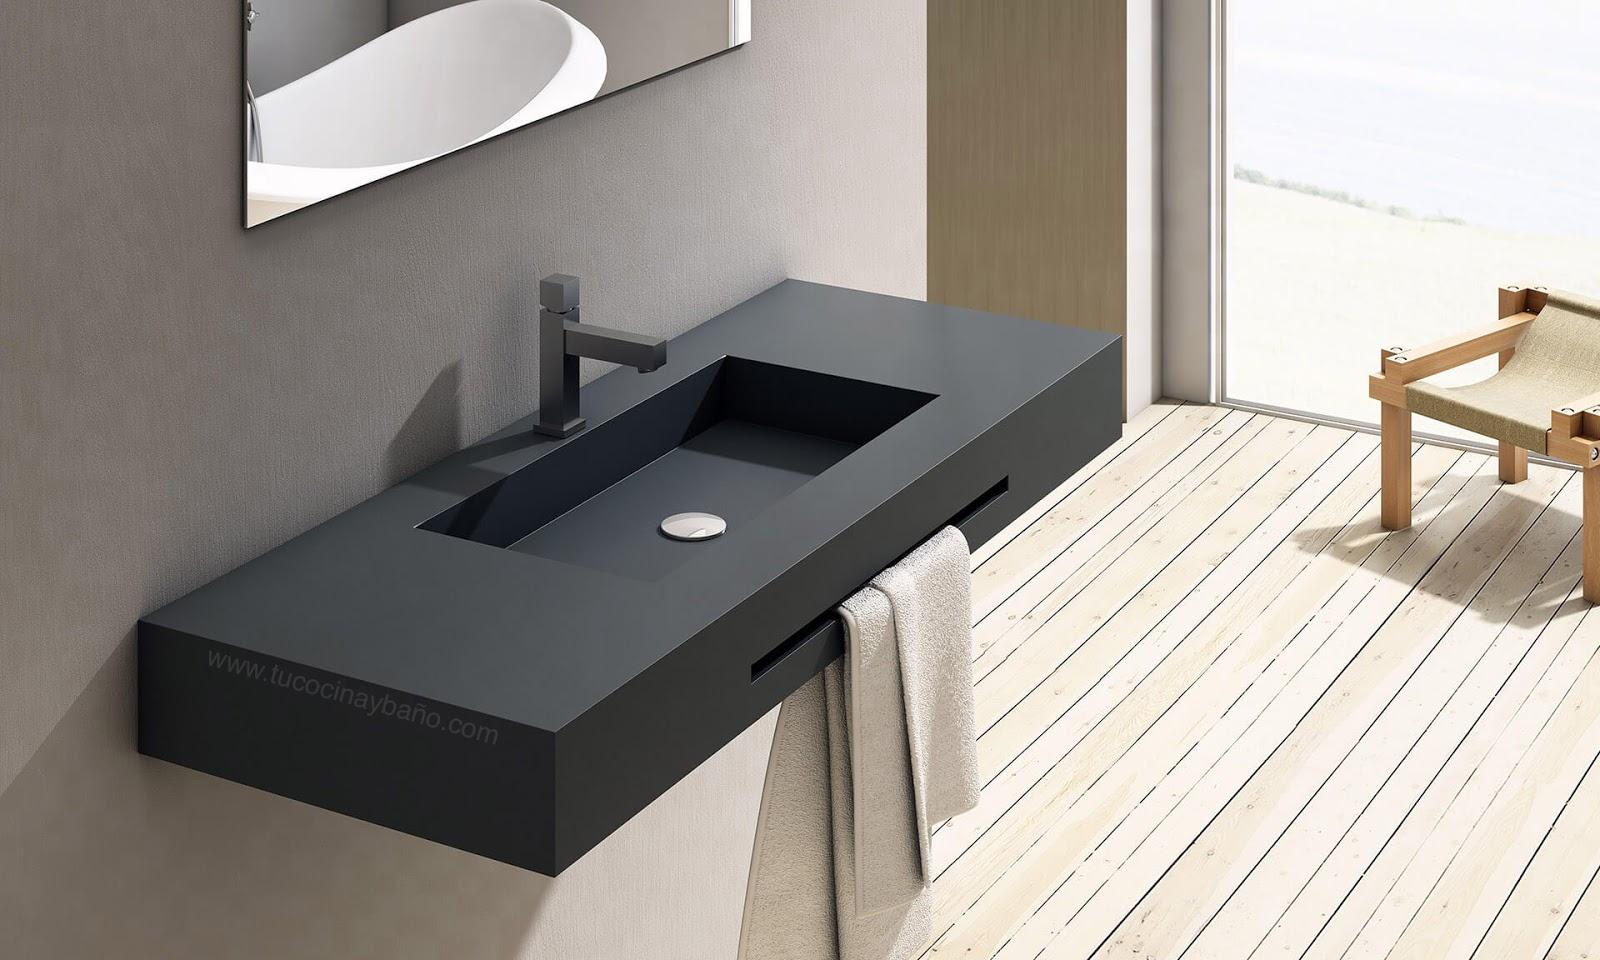 Encimera lavabo suspendido a medida reformas guaita - Encimera marmol precio ...